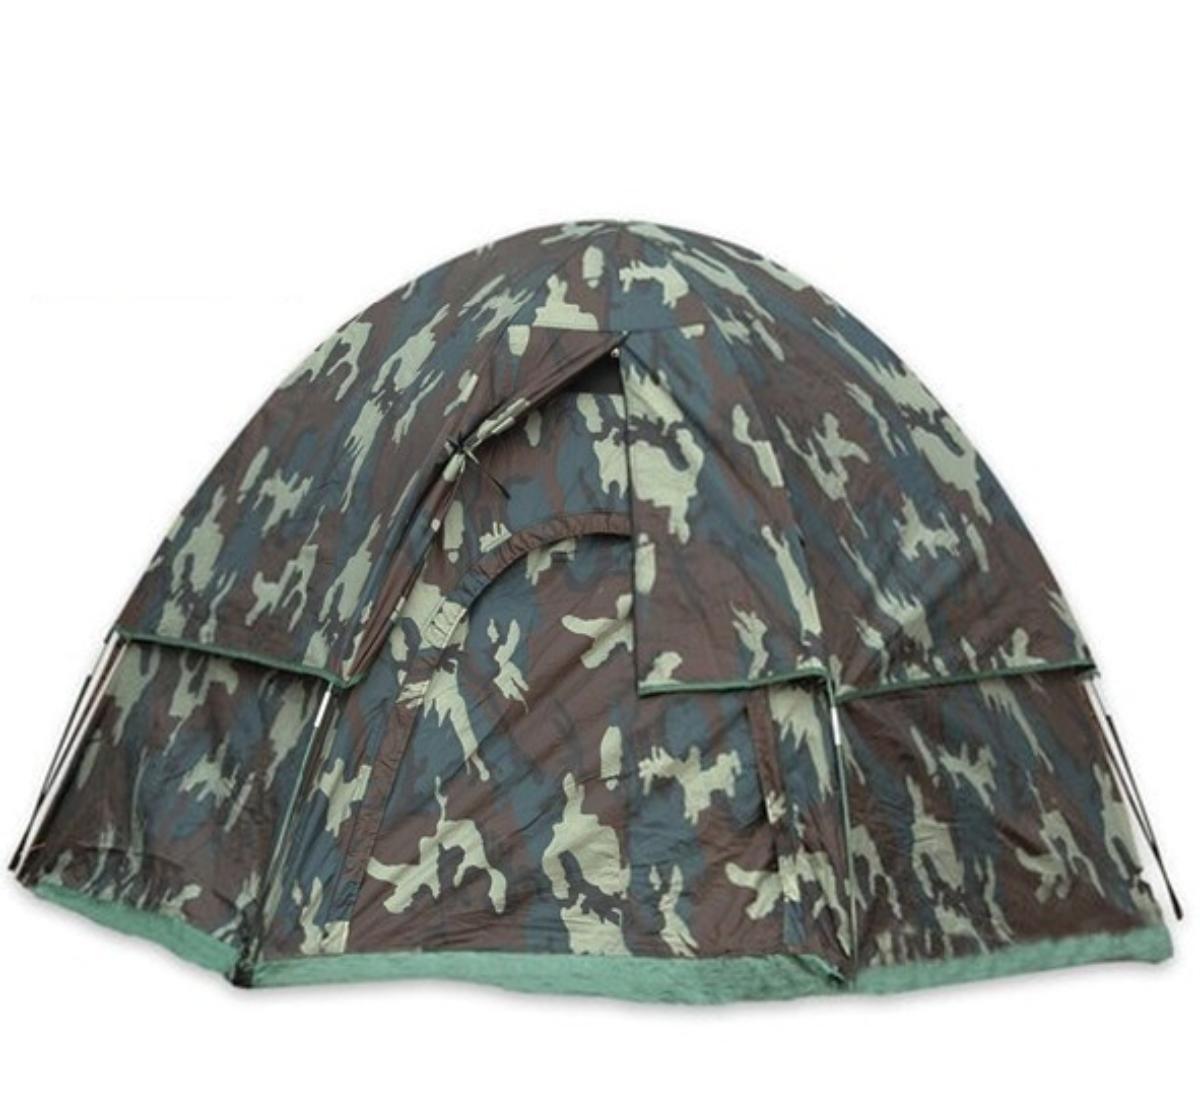 Rothco Woodland Camo 3-Man Hexagon Dome Tent